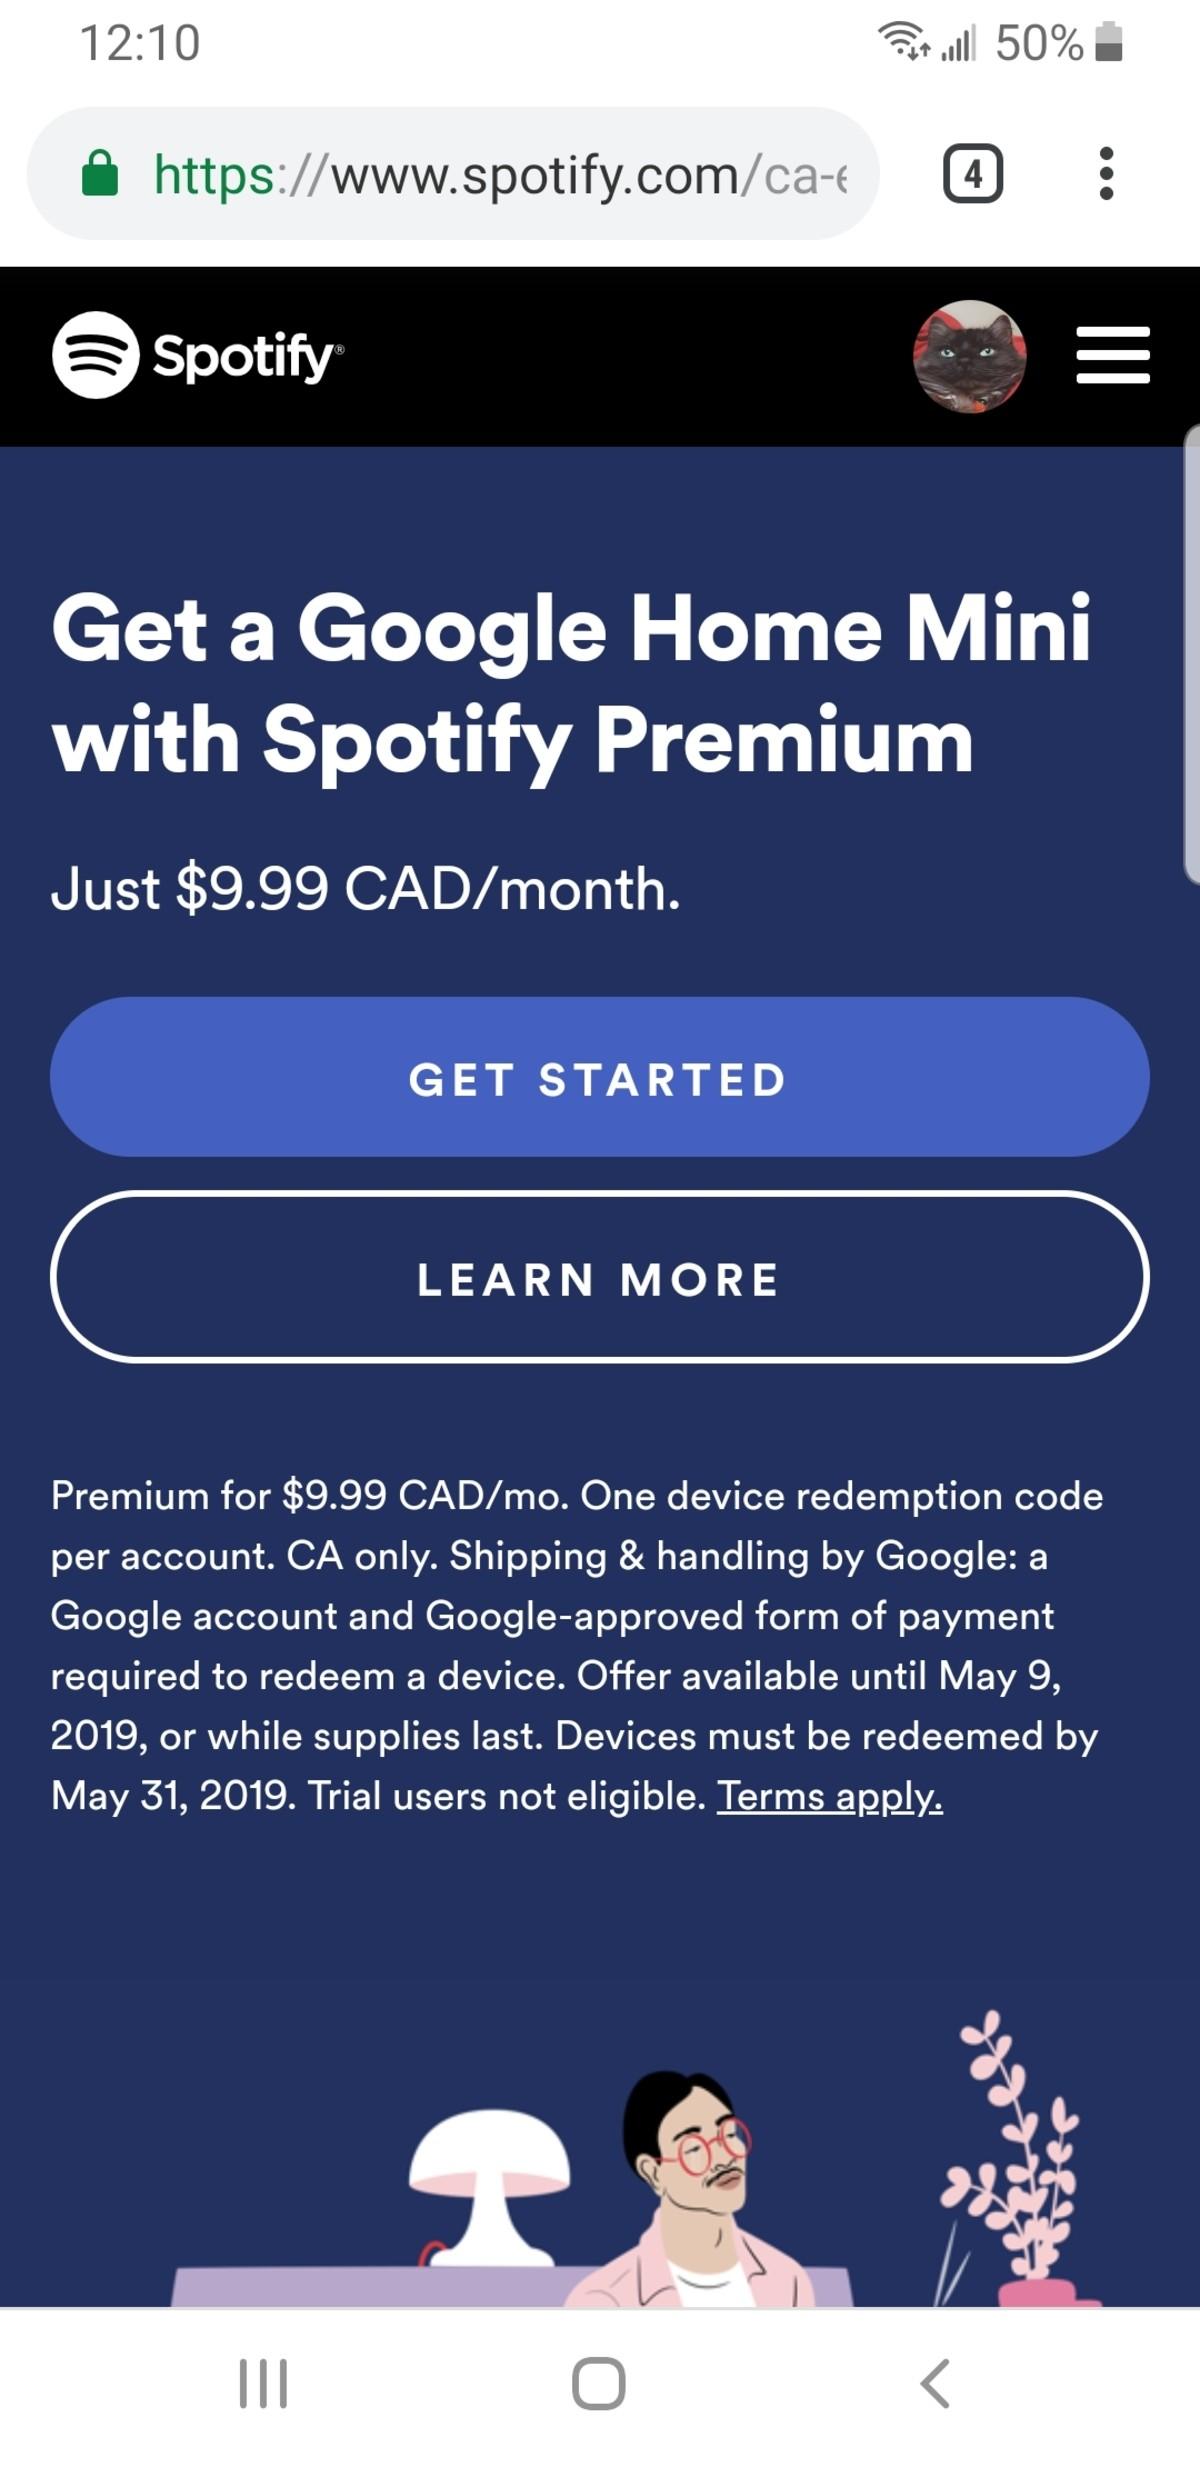 Spotify users get free Google mini